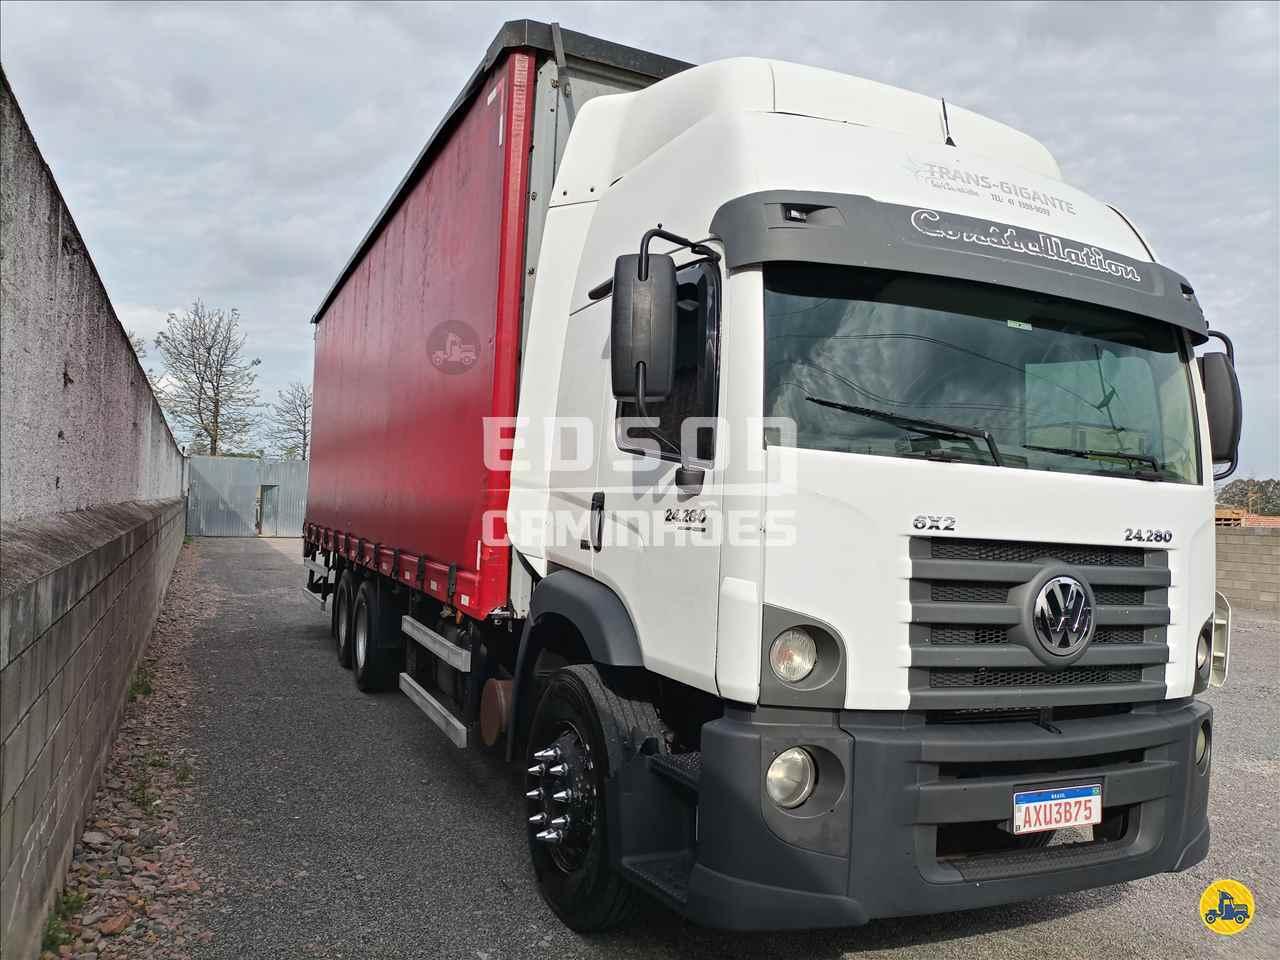 CAMINHAO VOLKSWAGEN VW 24280 Baú Sider Truck 6x2 Edson Caminhões CURITIBA PARANÁ PR